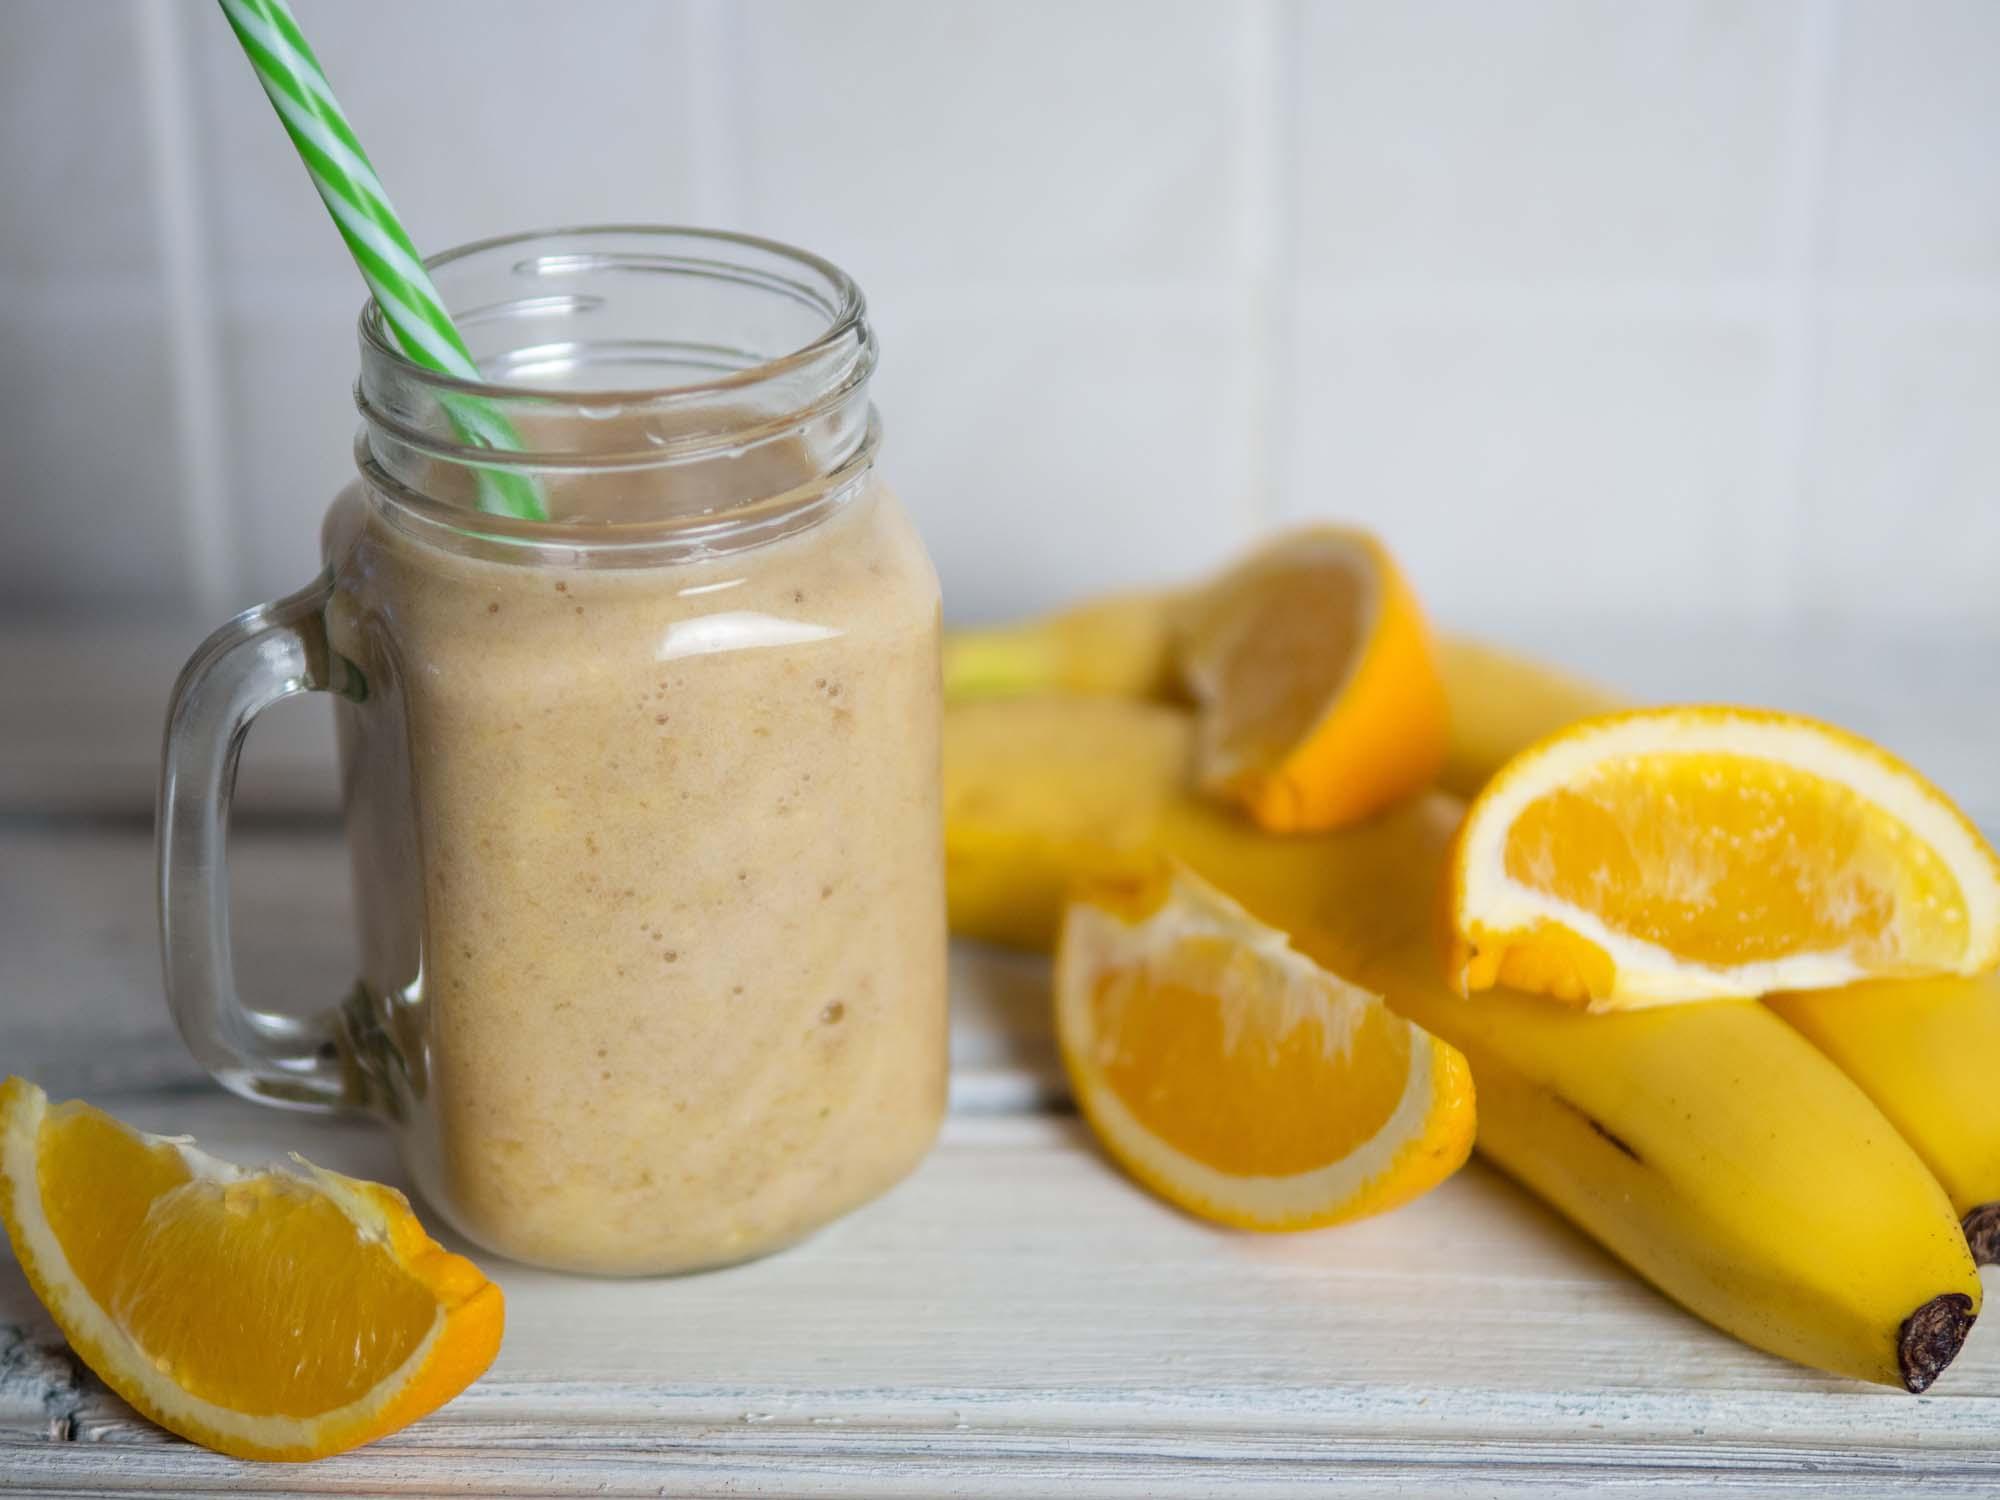 Appelsin proteindrik